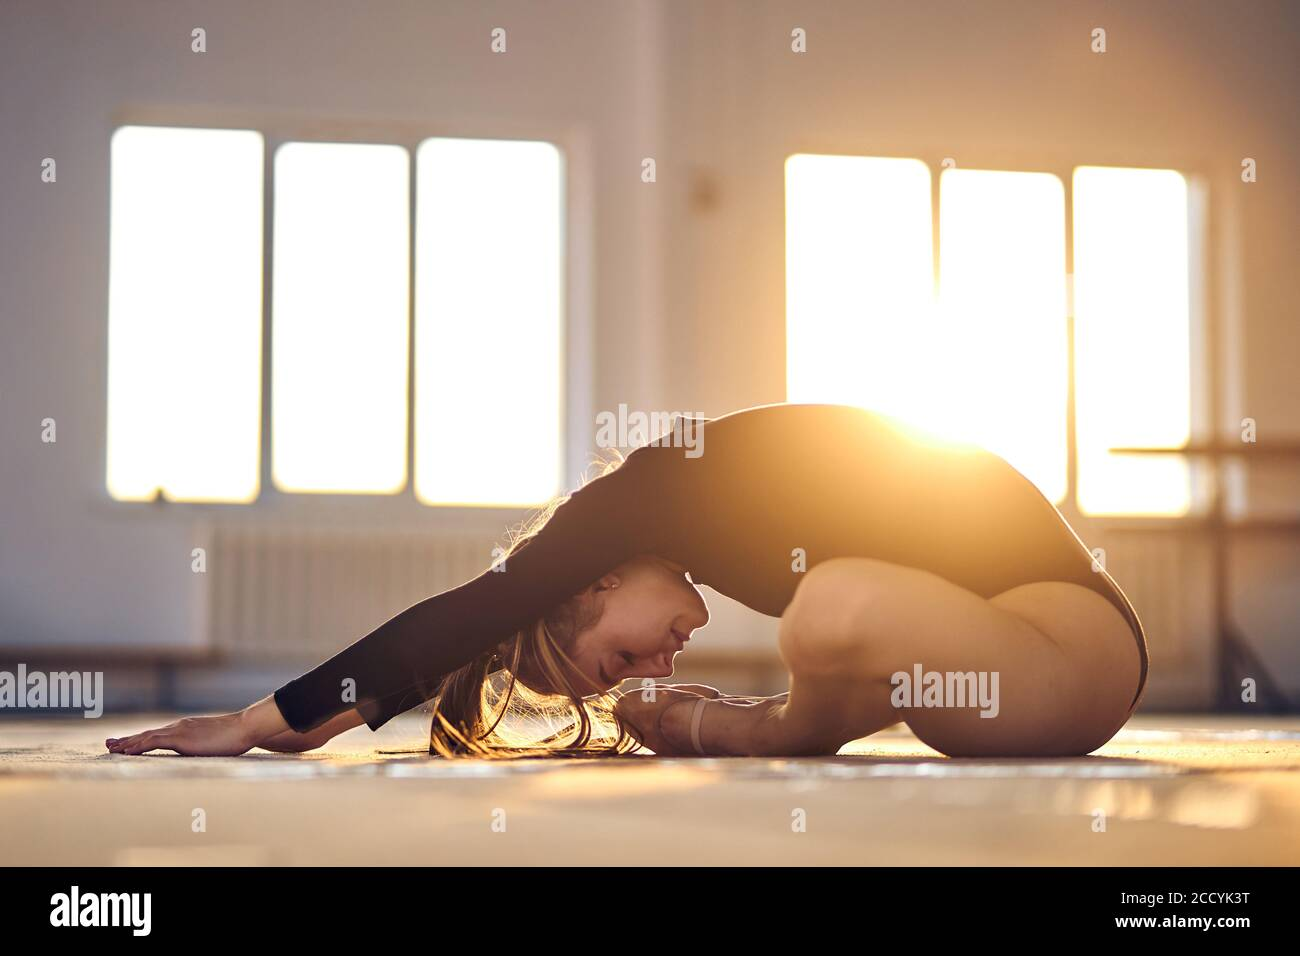 Retrato de una joven deportiva sentada en el suelo, inclinándose hacia delante, estirándose en el salón deportivo, en la puerta, concepto deportivo profesional Foto de stock